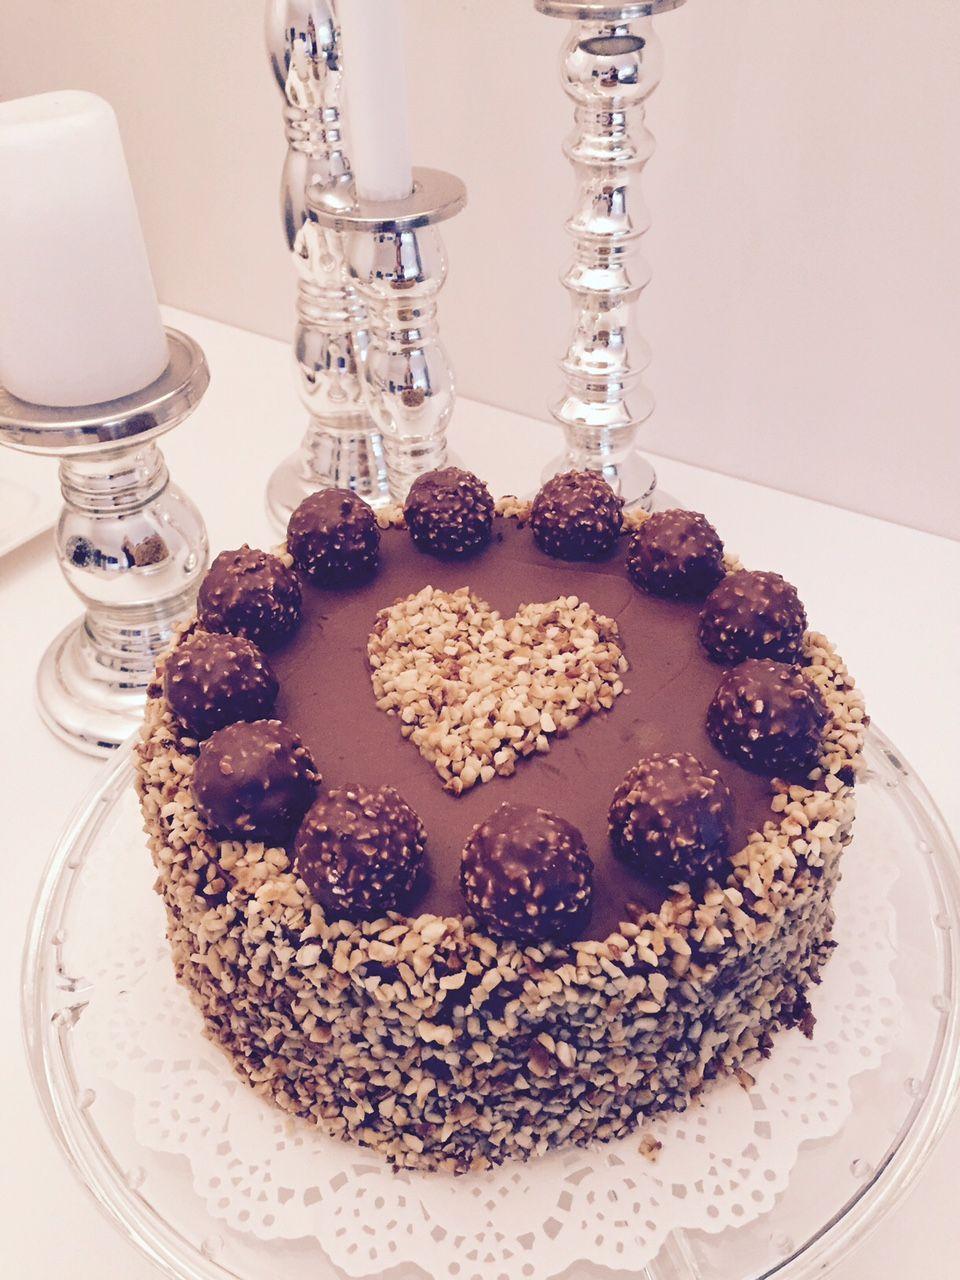 Rezepte Mit Herz Rocher Tortchen Torte Rocher Torte Kuchen